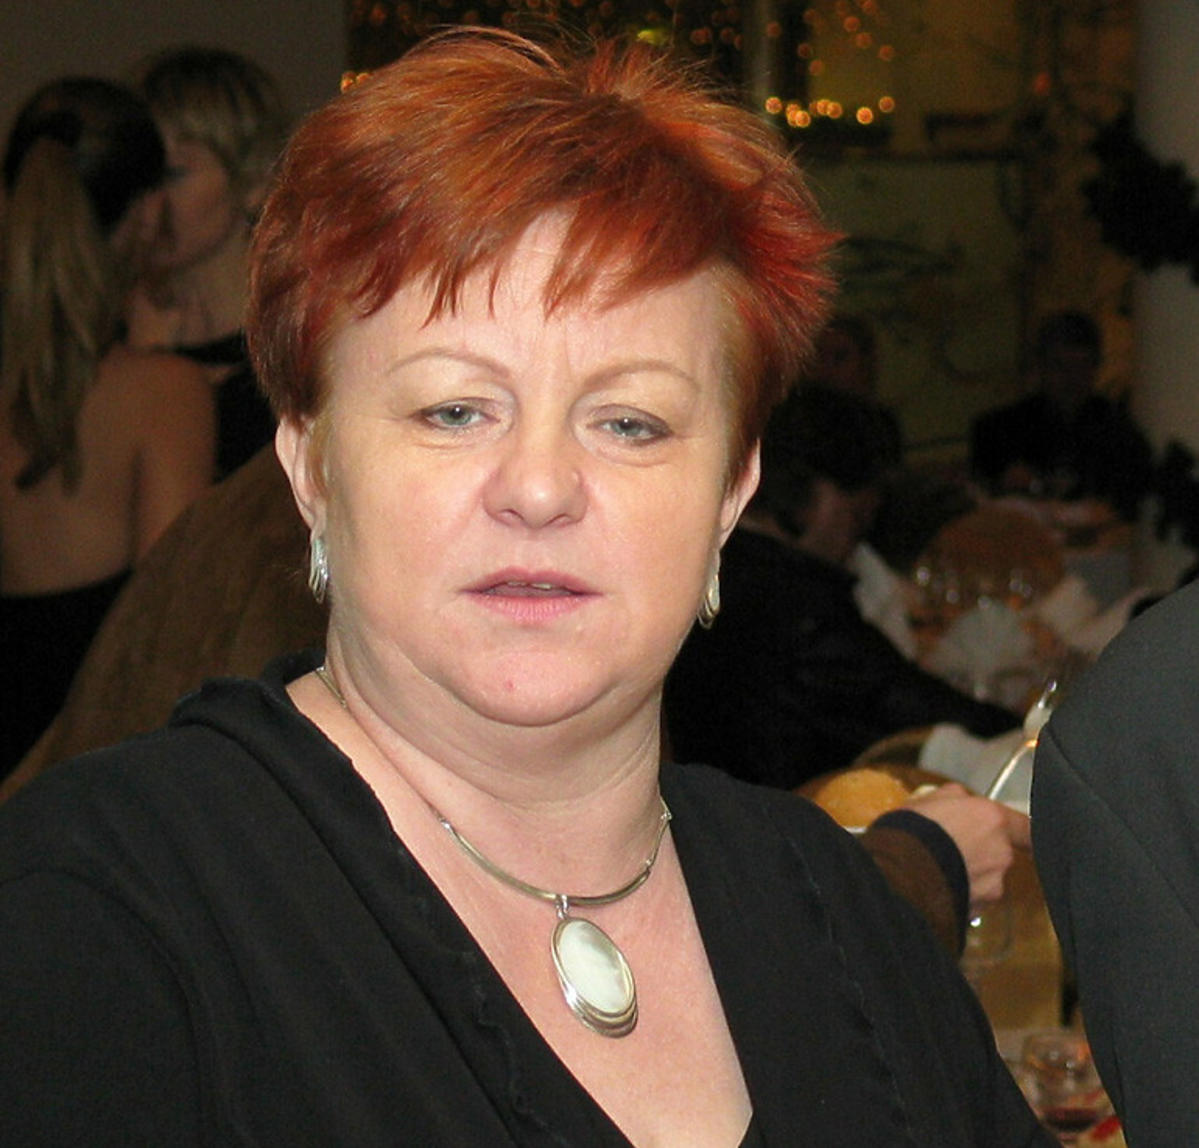 Małgorzata Puczyłowska